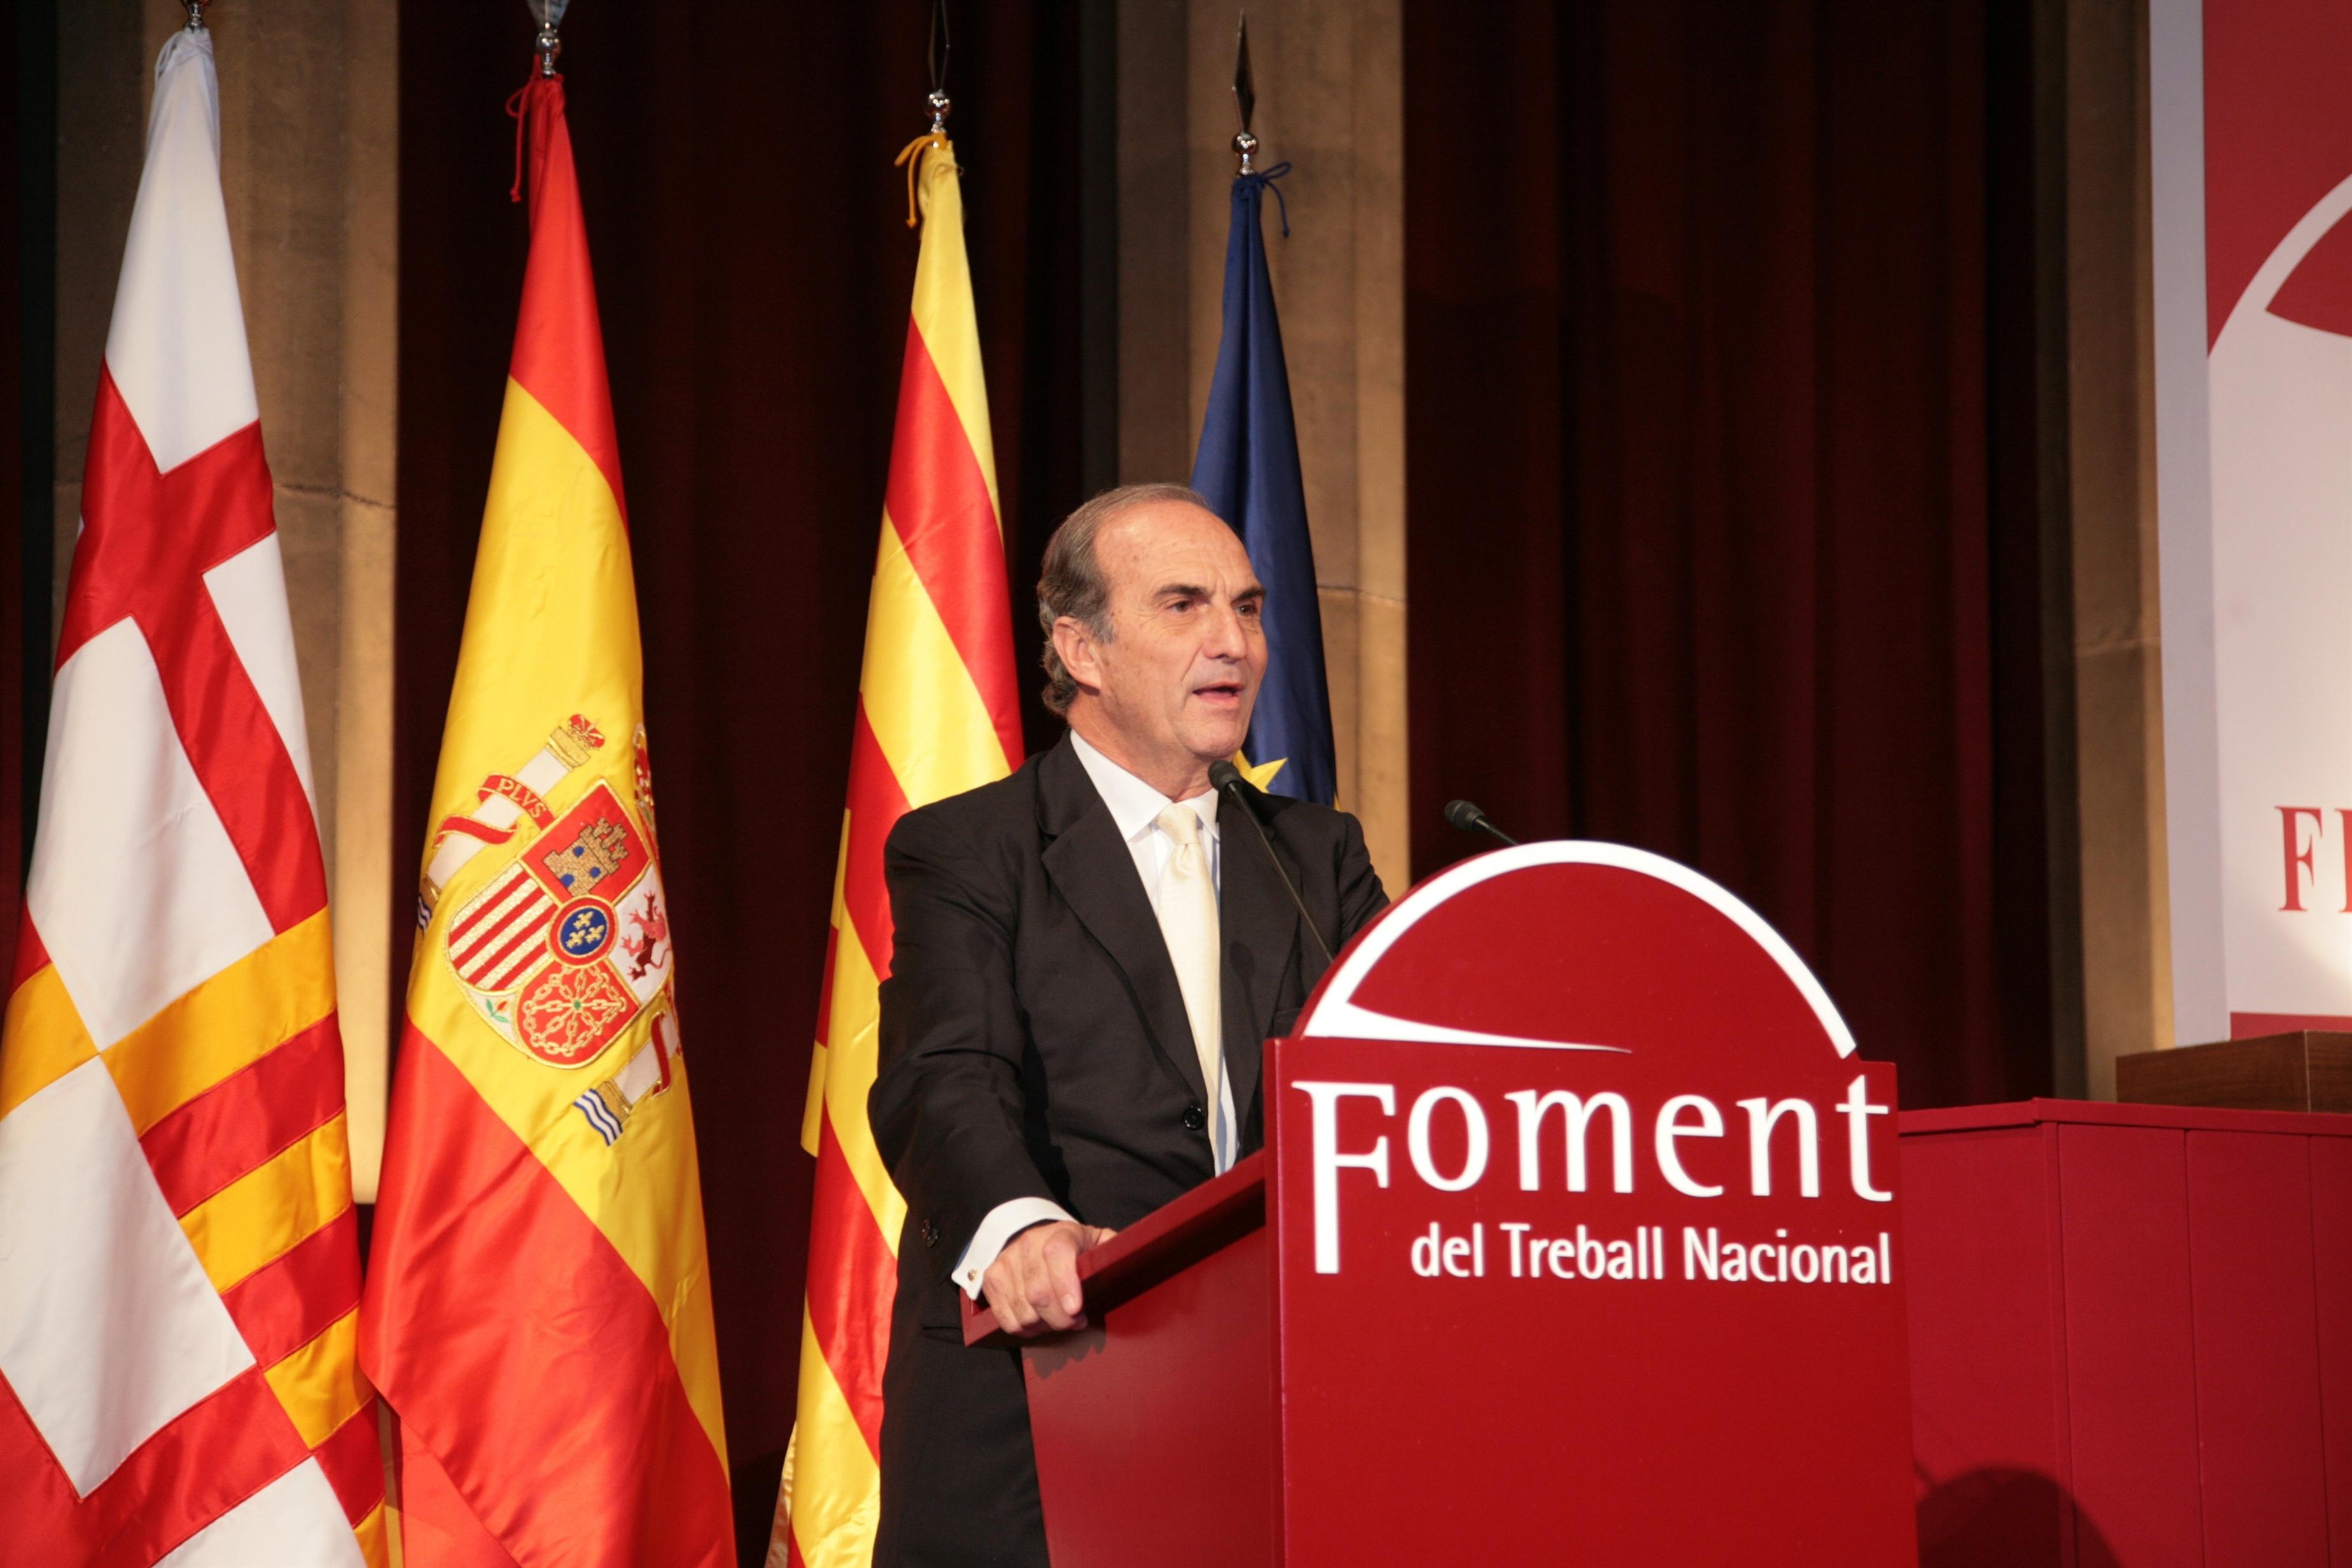 Fomento del Trabajo pide un déficit para Cataluña entre el 1,7 y el 1,96% del PIB